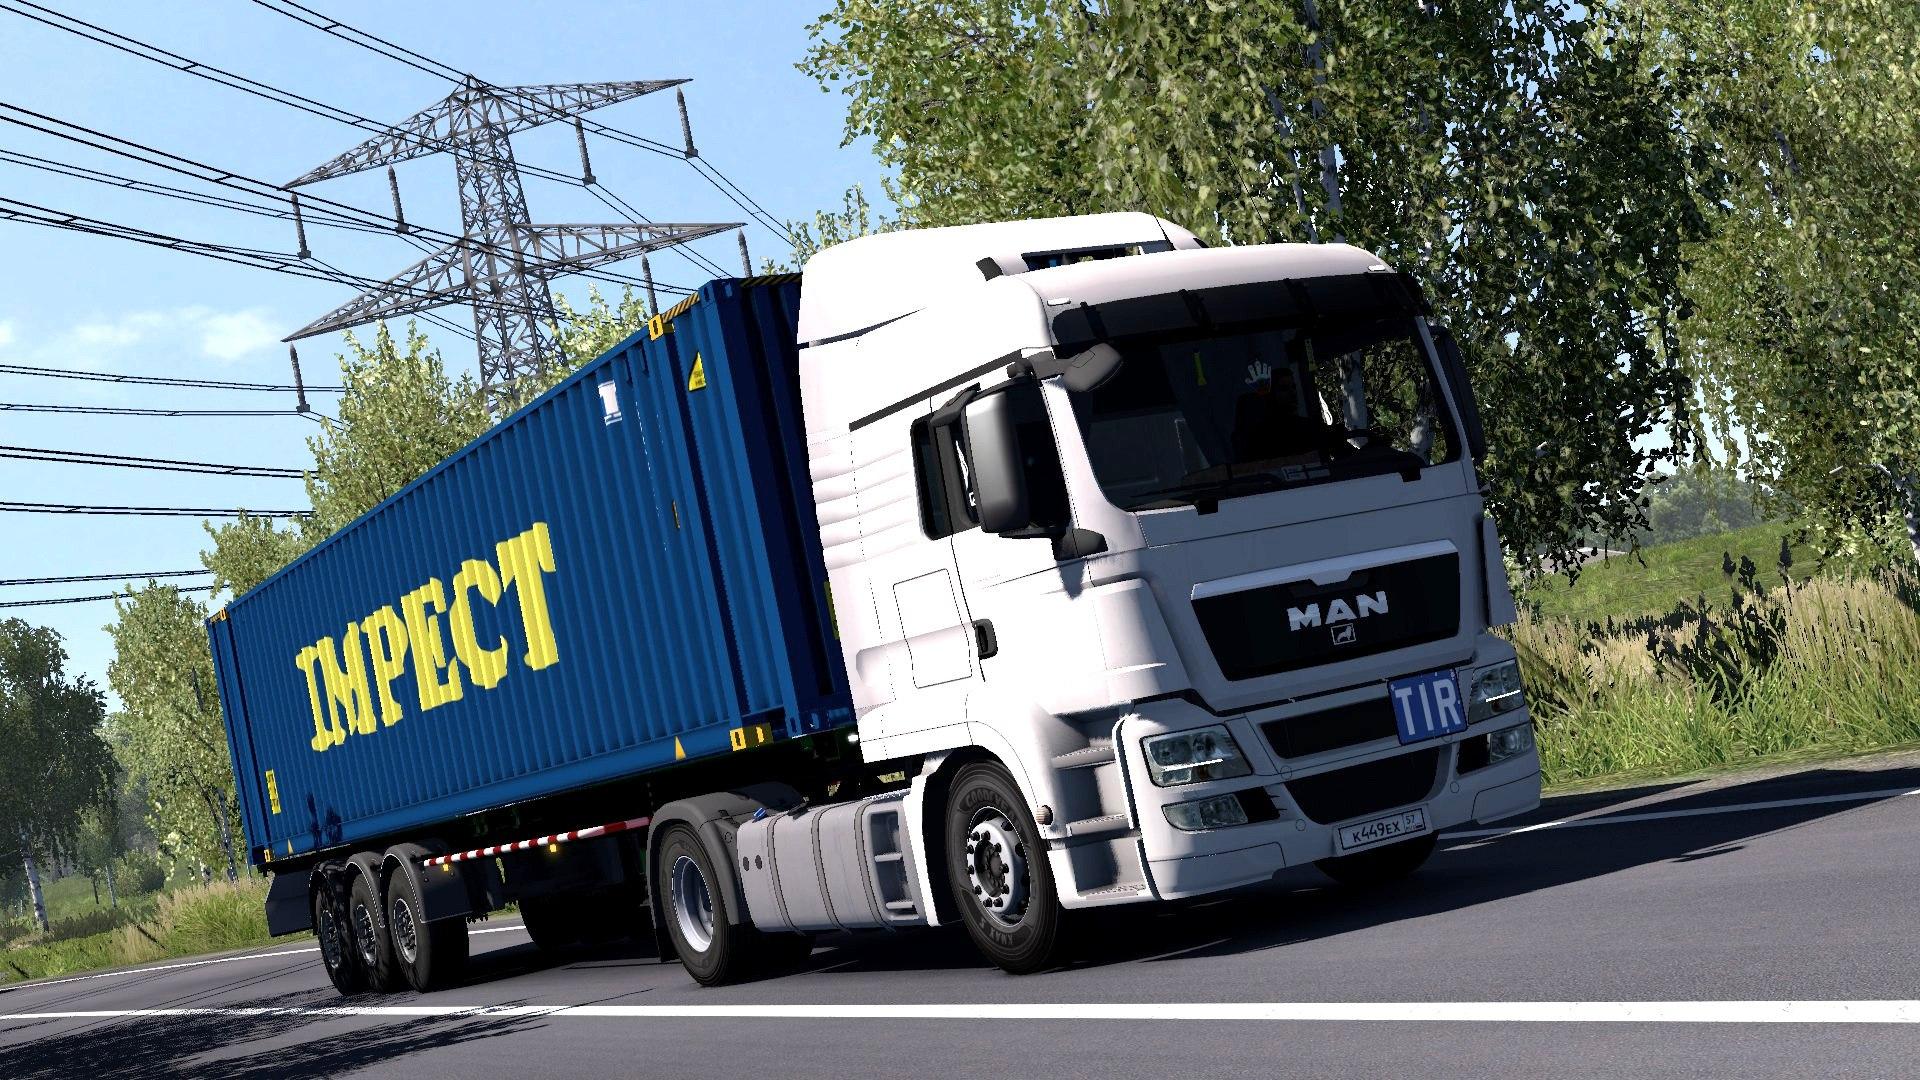 E9uBYEsk0S0.jpg - Euro Truck Simulator 2